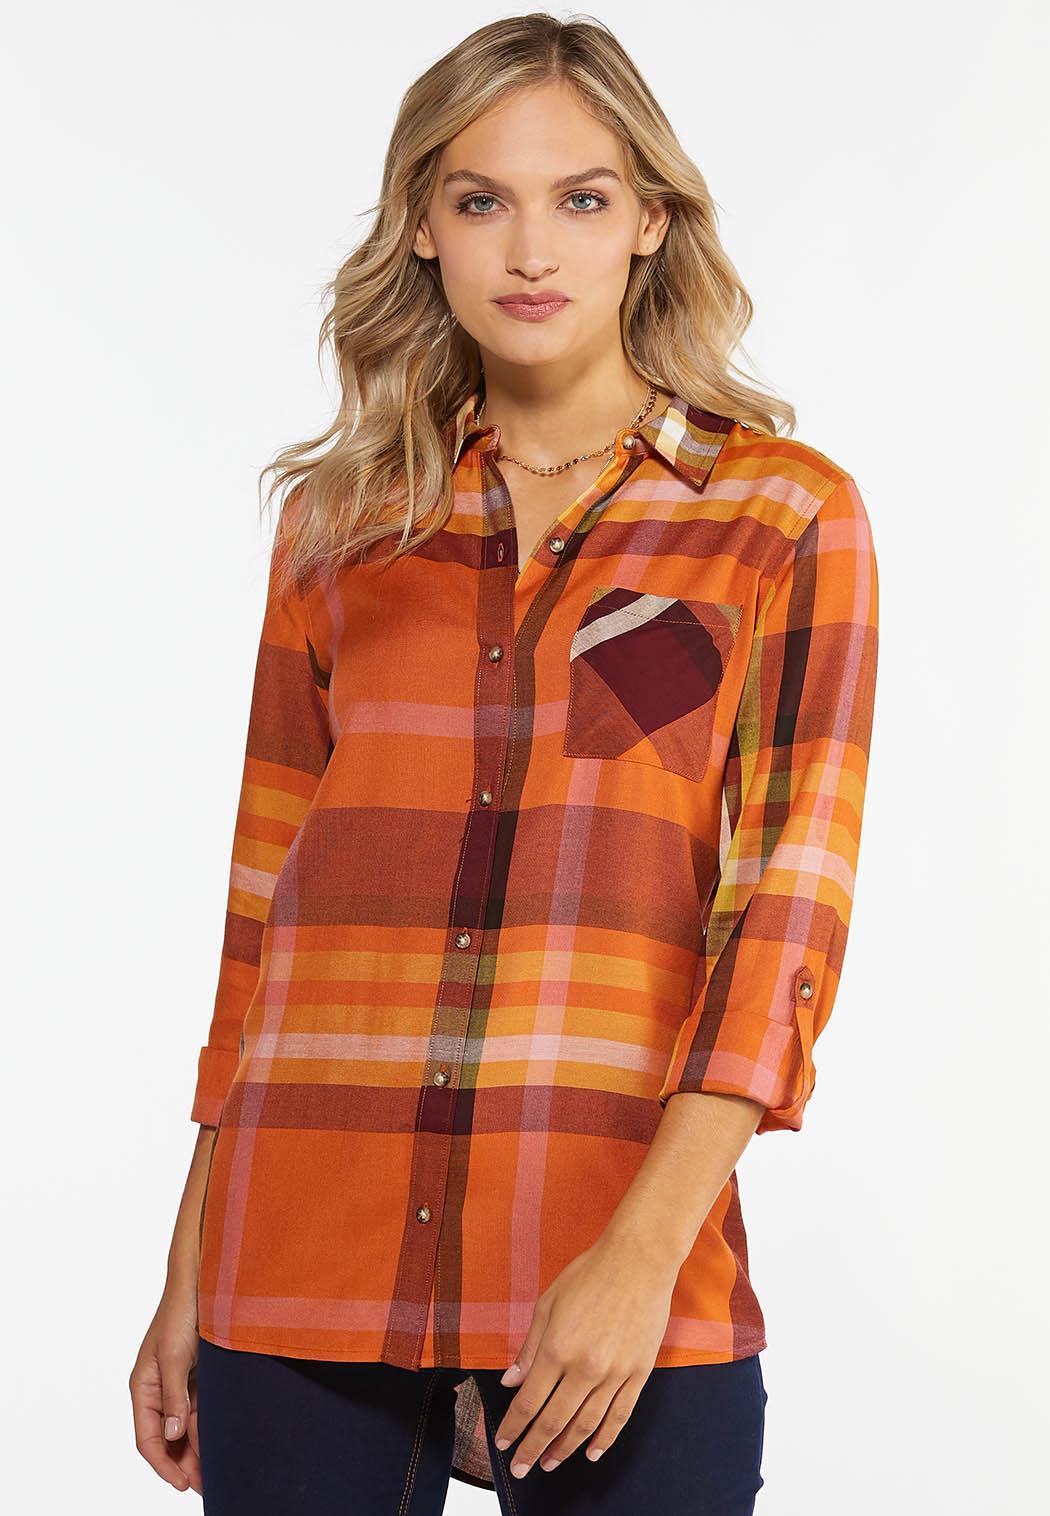 Mango Plaid Shirt